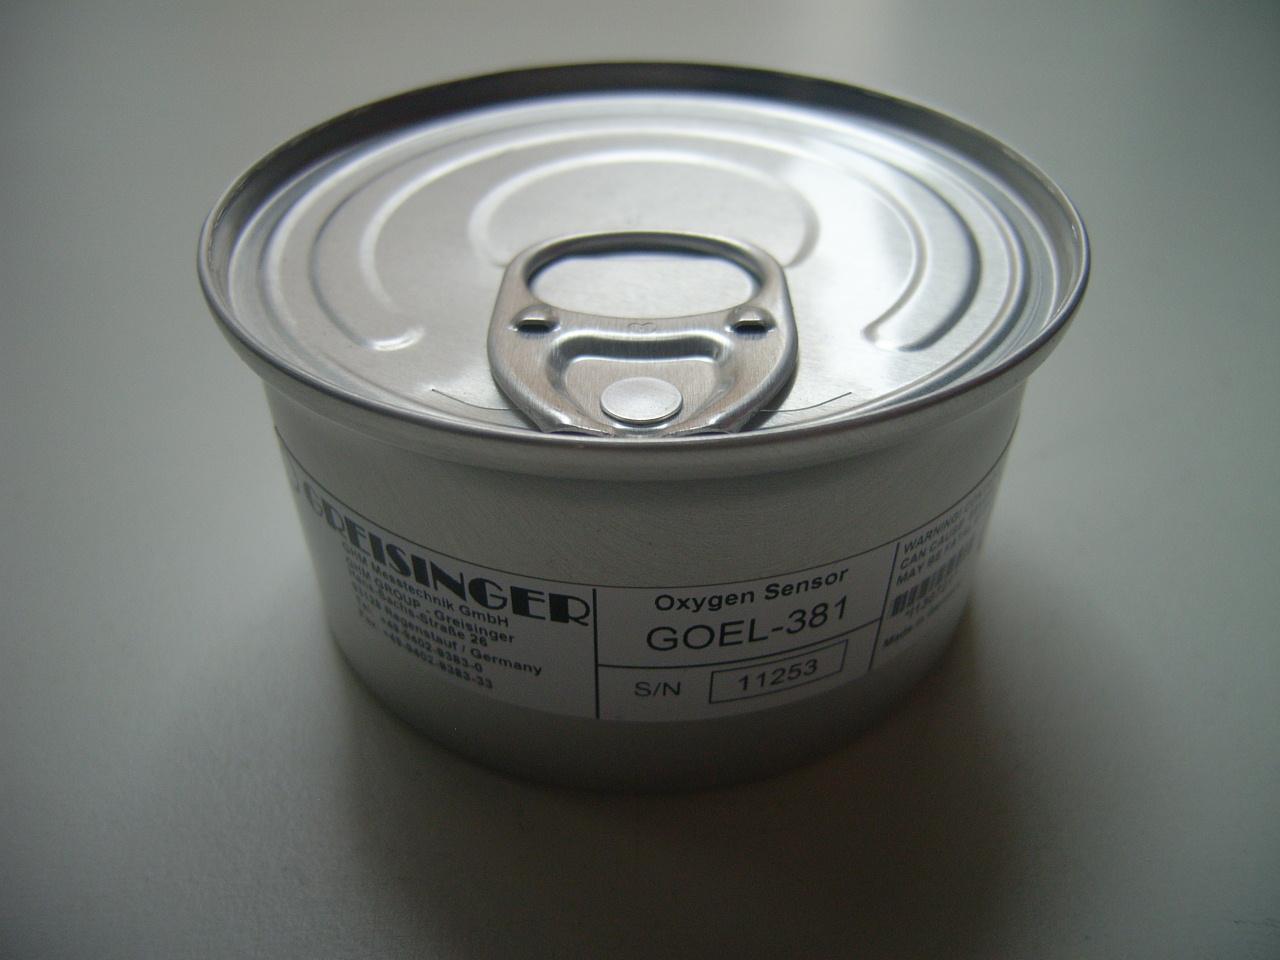 Greisinger Sauerstoff-Ersatzsensor GOEL381 u.a. für Analyser G1690